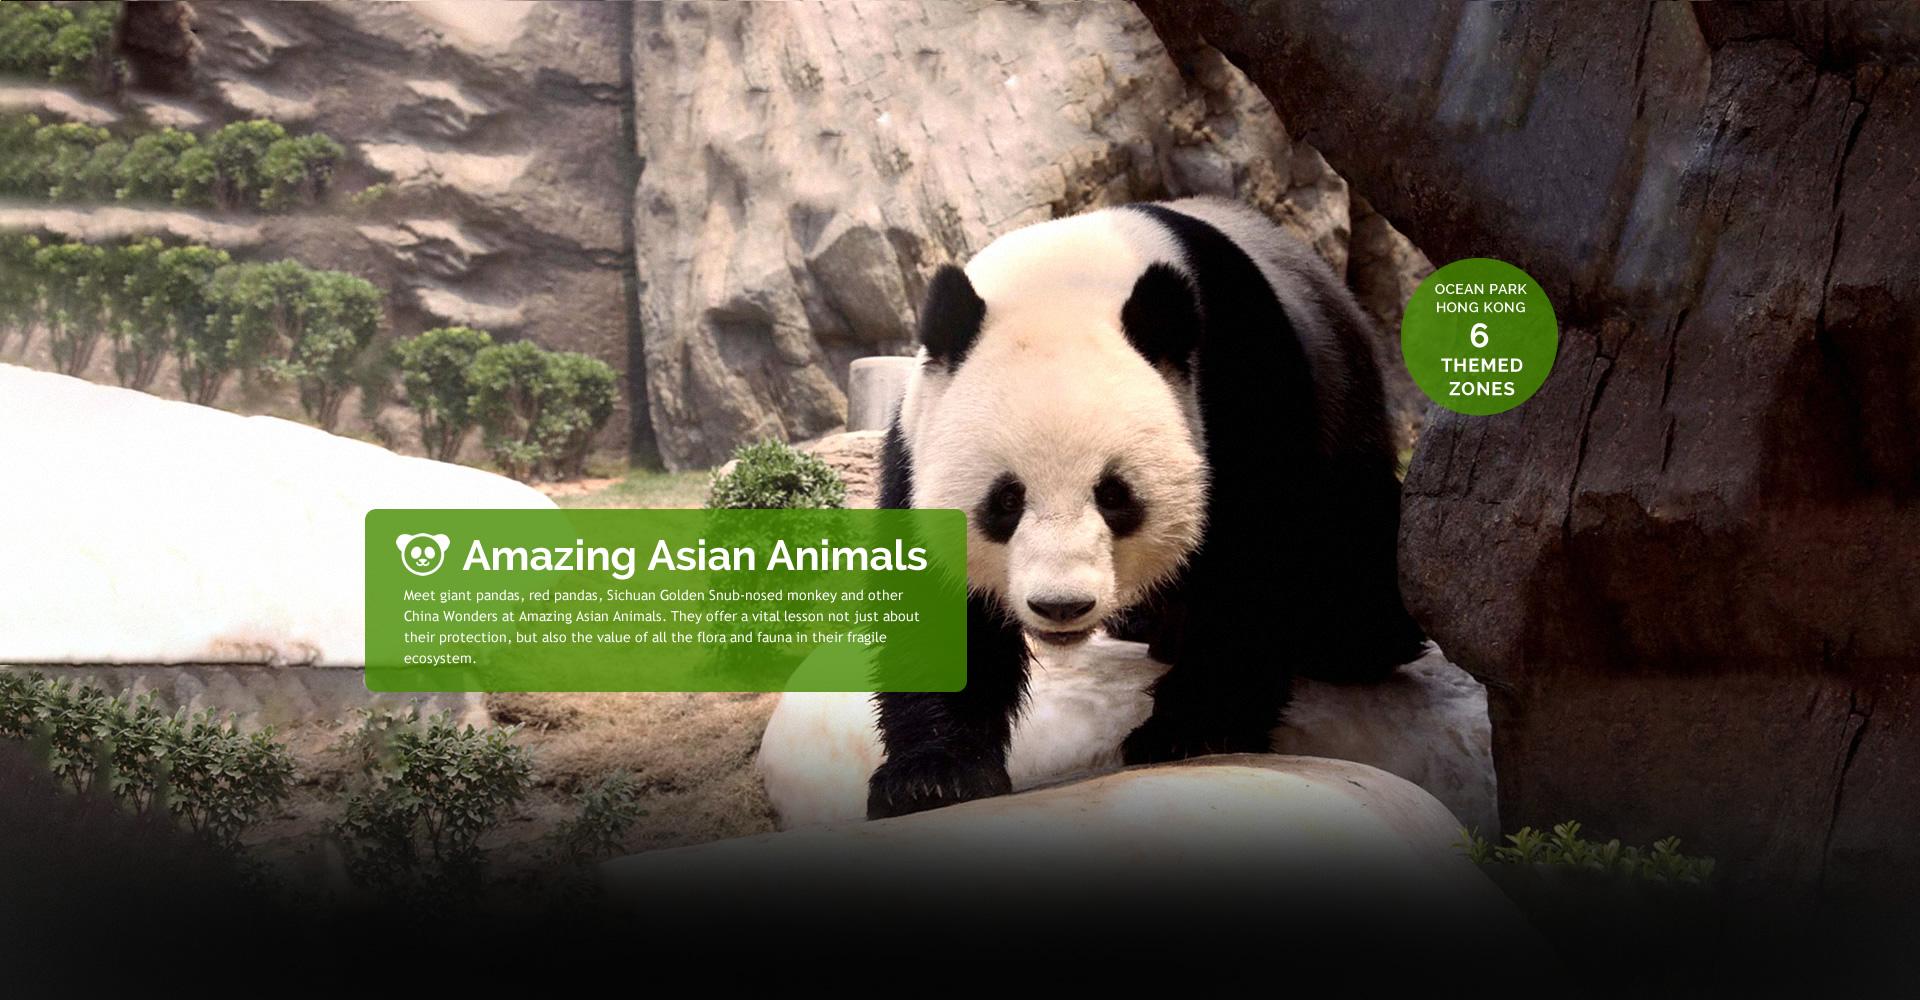 https://media.oceanpark.com.hk/files/s3fs-public/Philippine_inside_banner01_desktop_panda.jpg